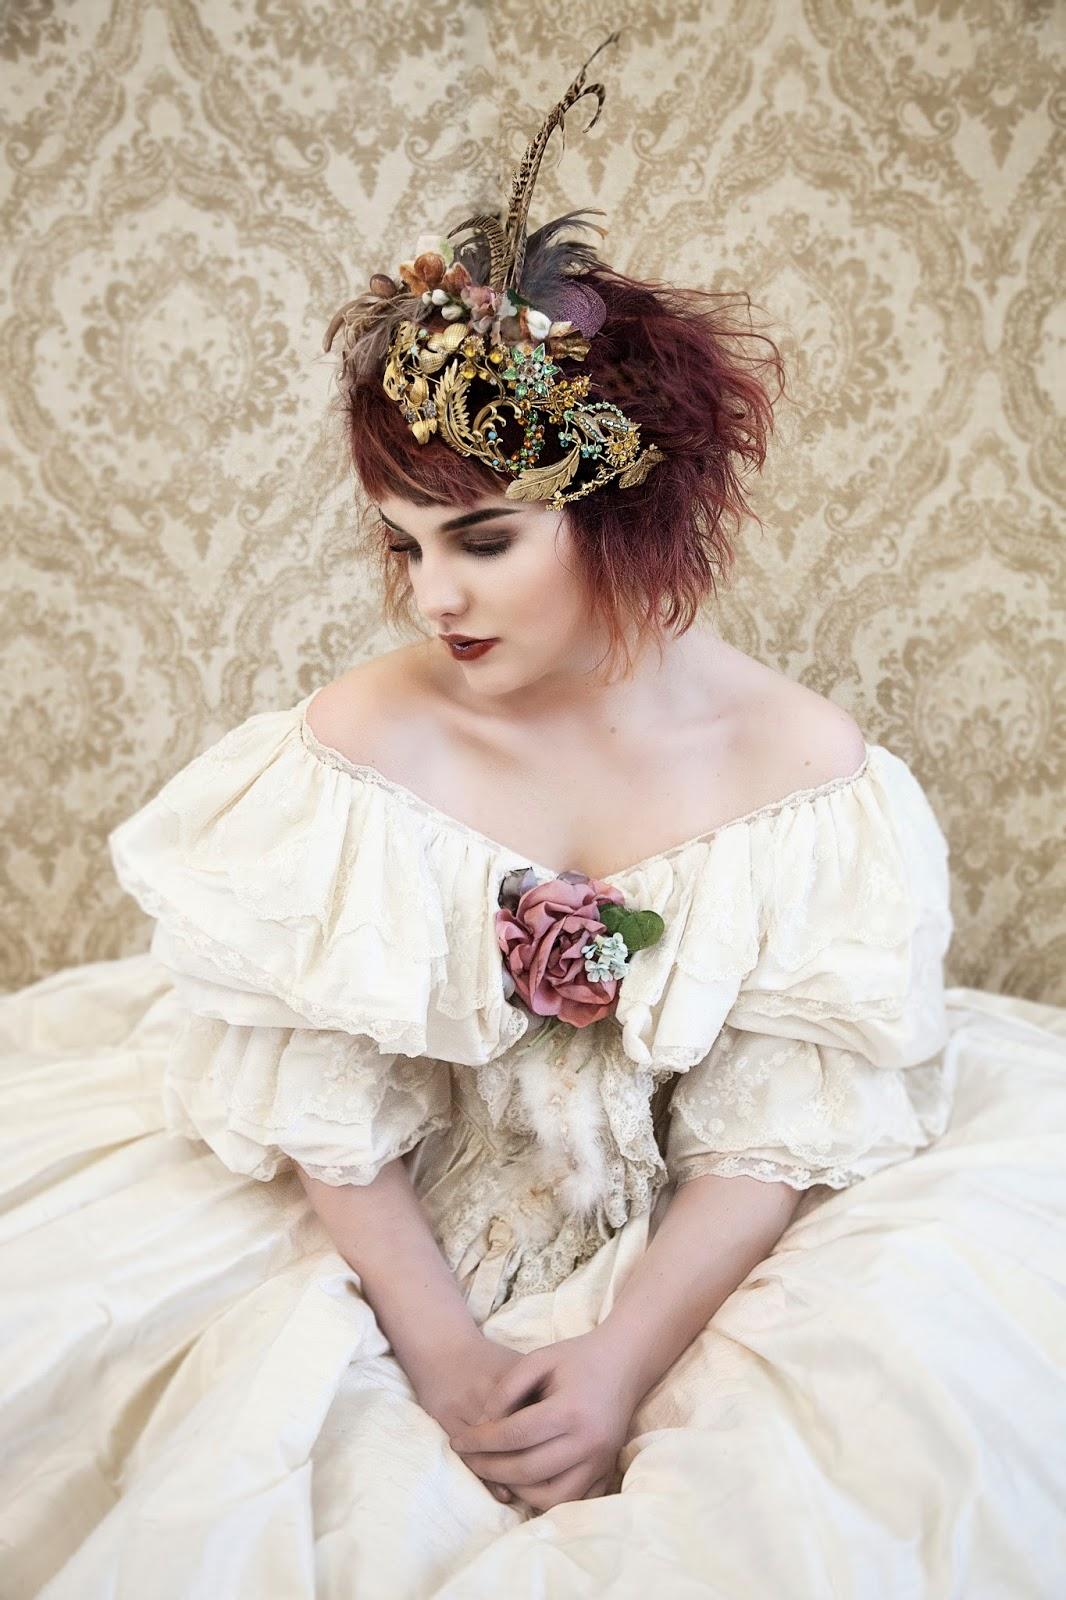 bristol vintage wedding fair: final gorgeous photos from su larkins